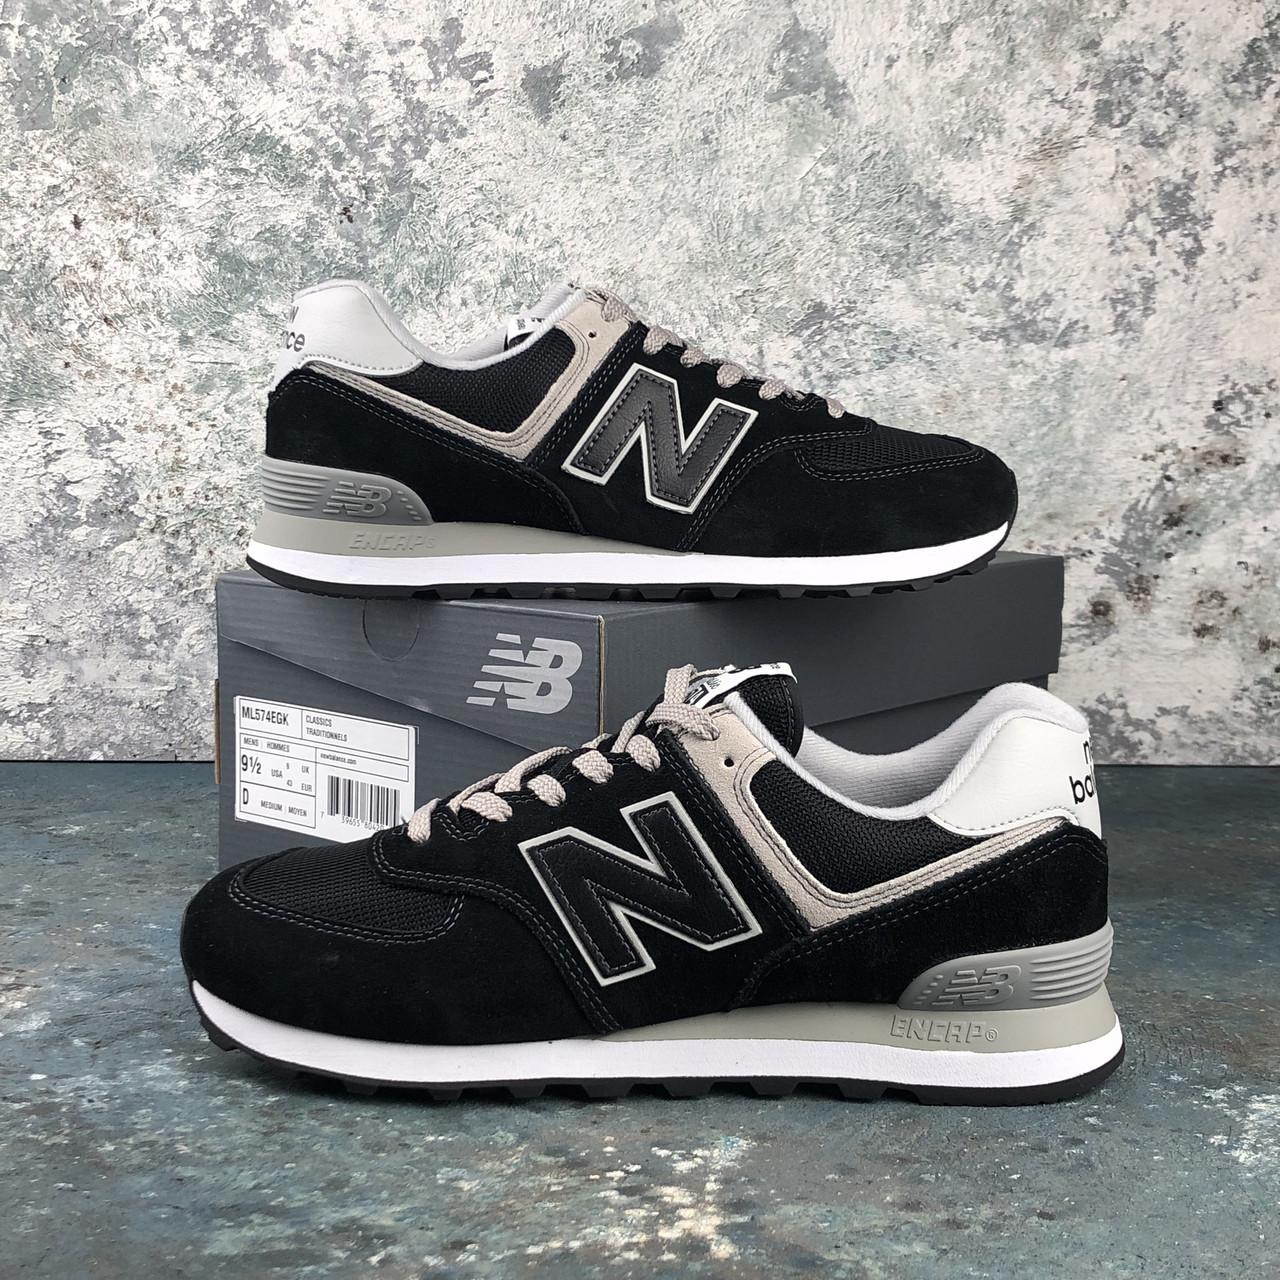 Мужские кроссовки New Balance 574 Black/White ML574EGK. Оригинал. Замша. Подошва резина